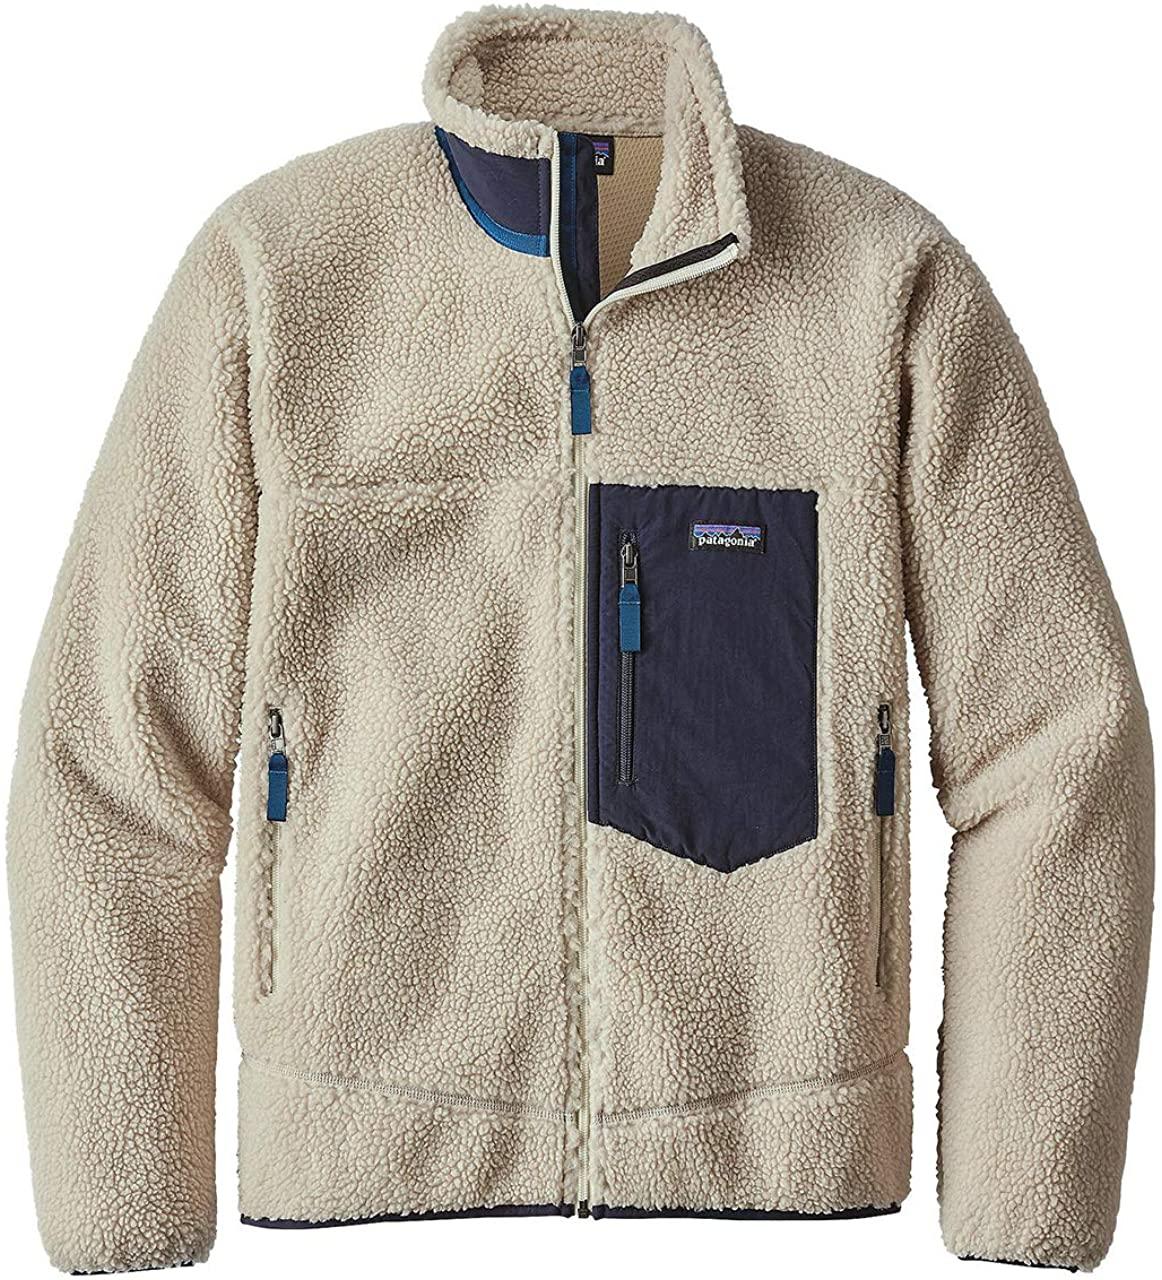 パタゴニア クラシック レトロX フリースジャケット